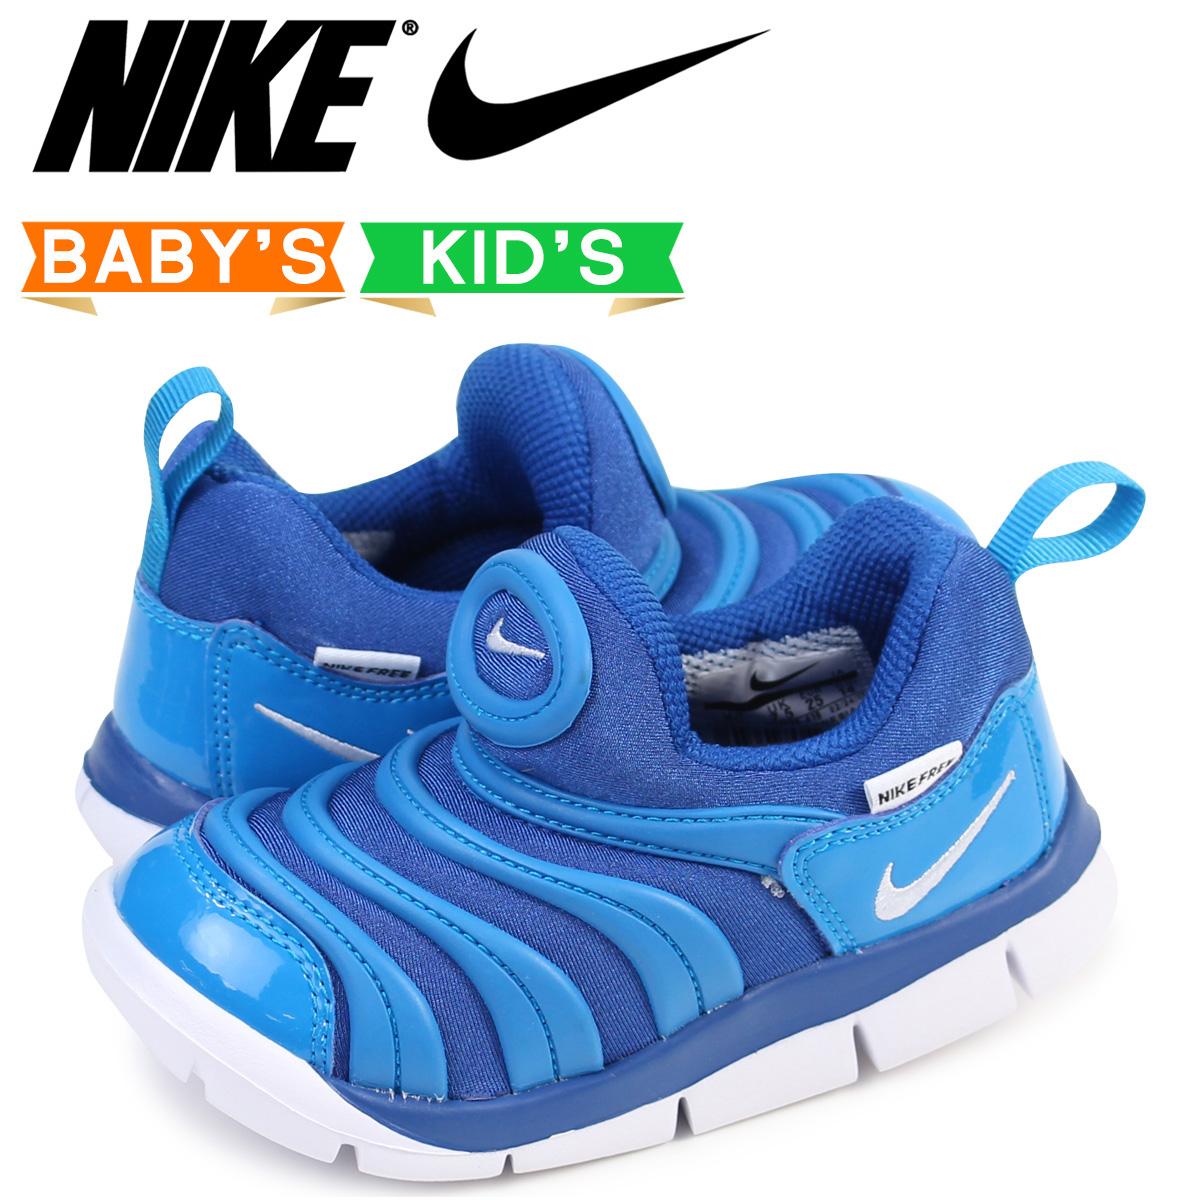 622264063914 Nike NIKE dynamo-free kids Jr. child shoes sneakers DYNAMO FREE TD  343